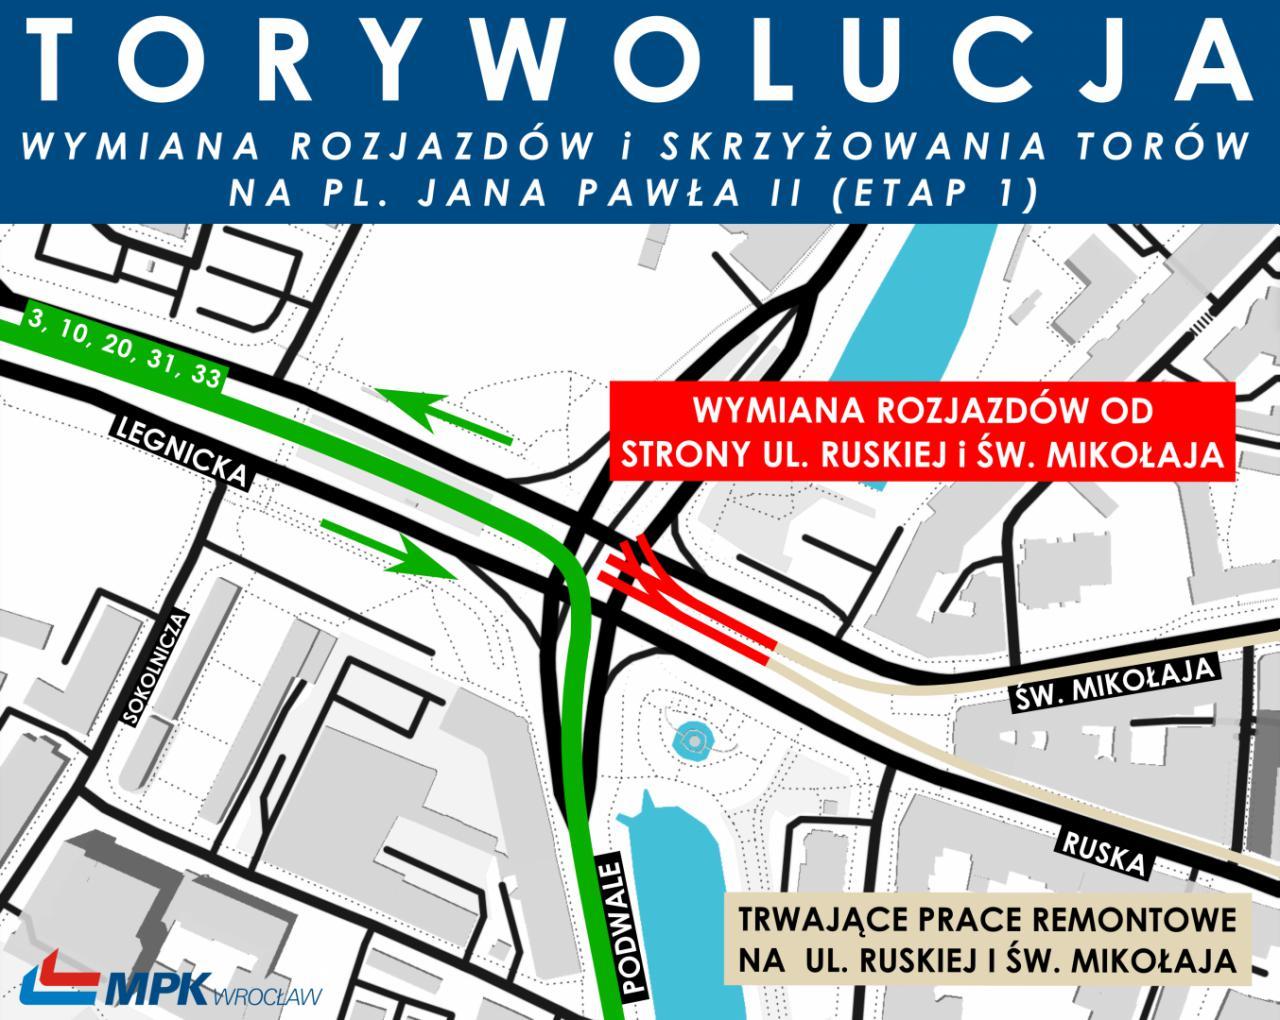 TORYwolucja przed terminem - MPK zabiera się za pl. Jana Pawła II